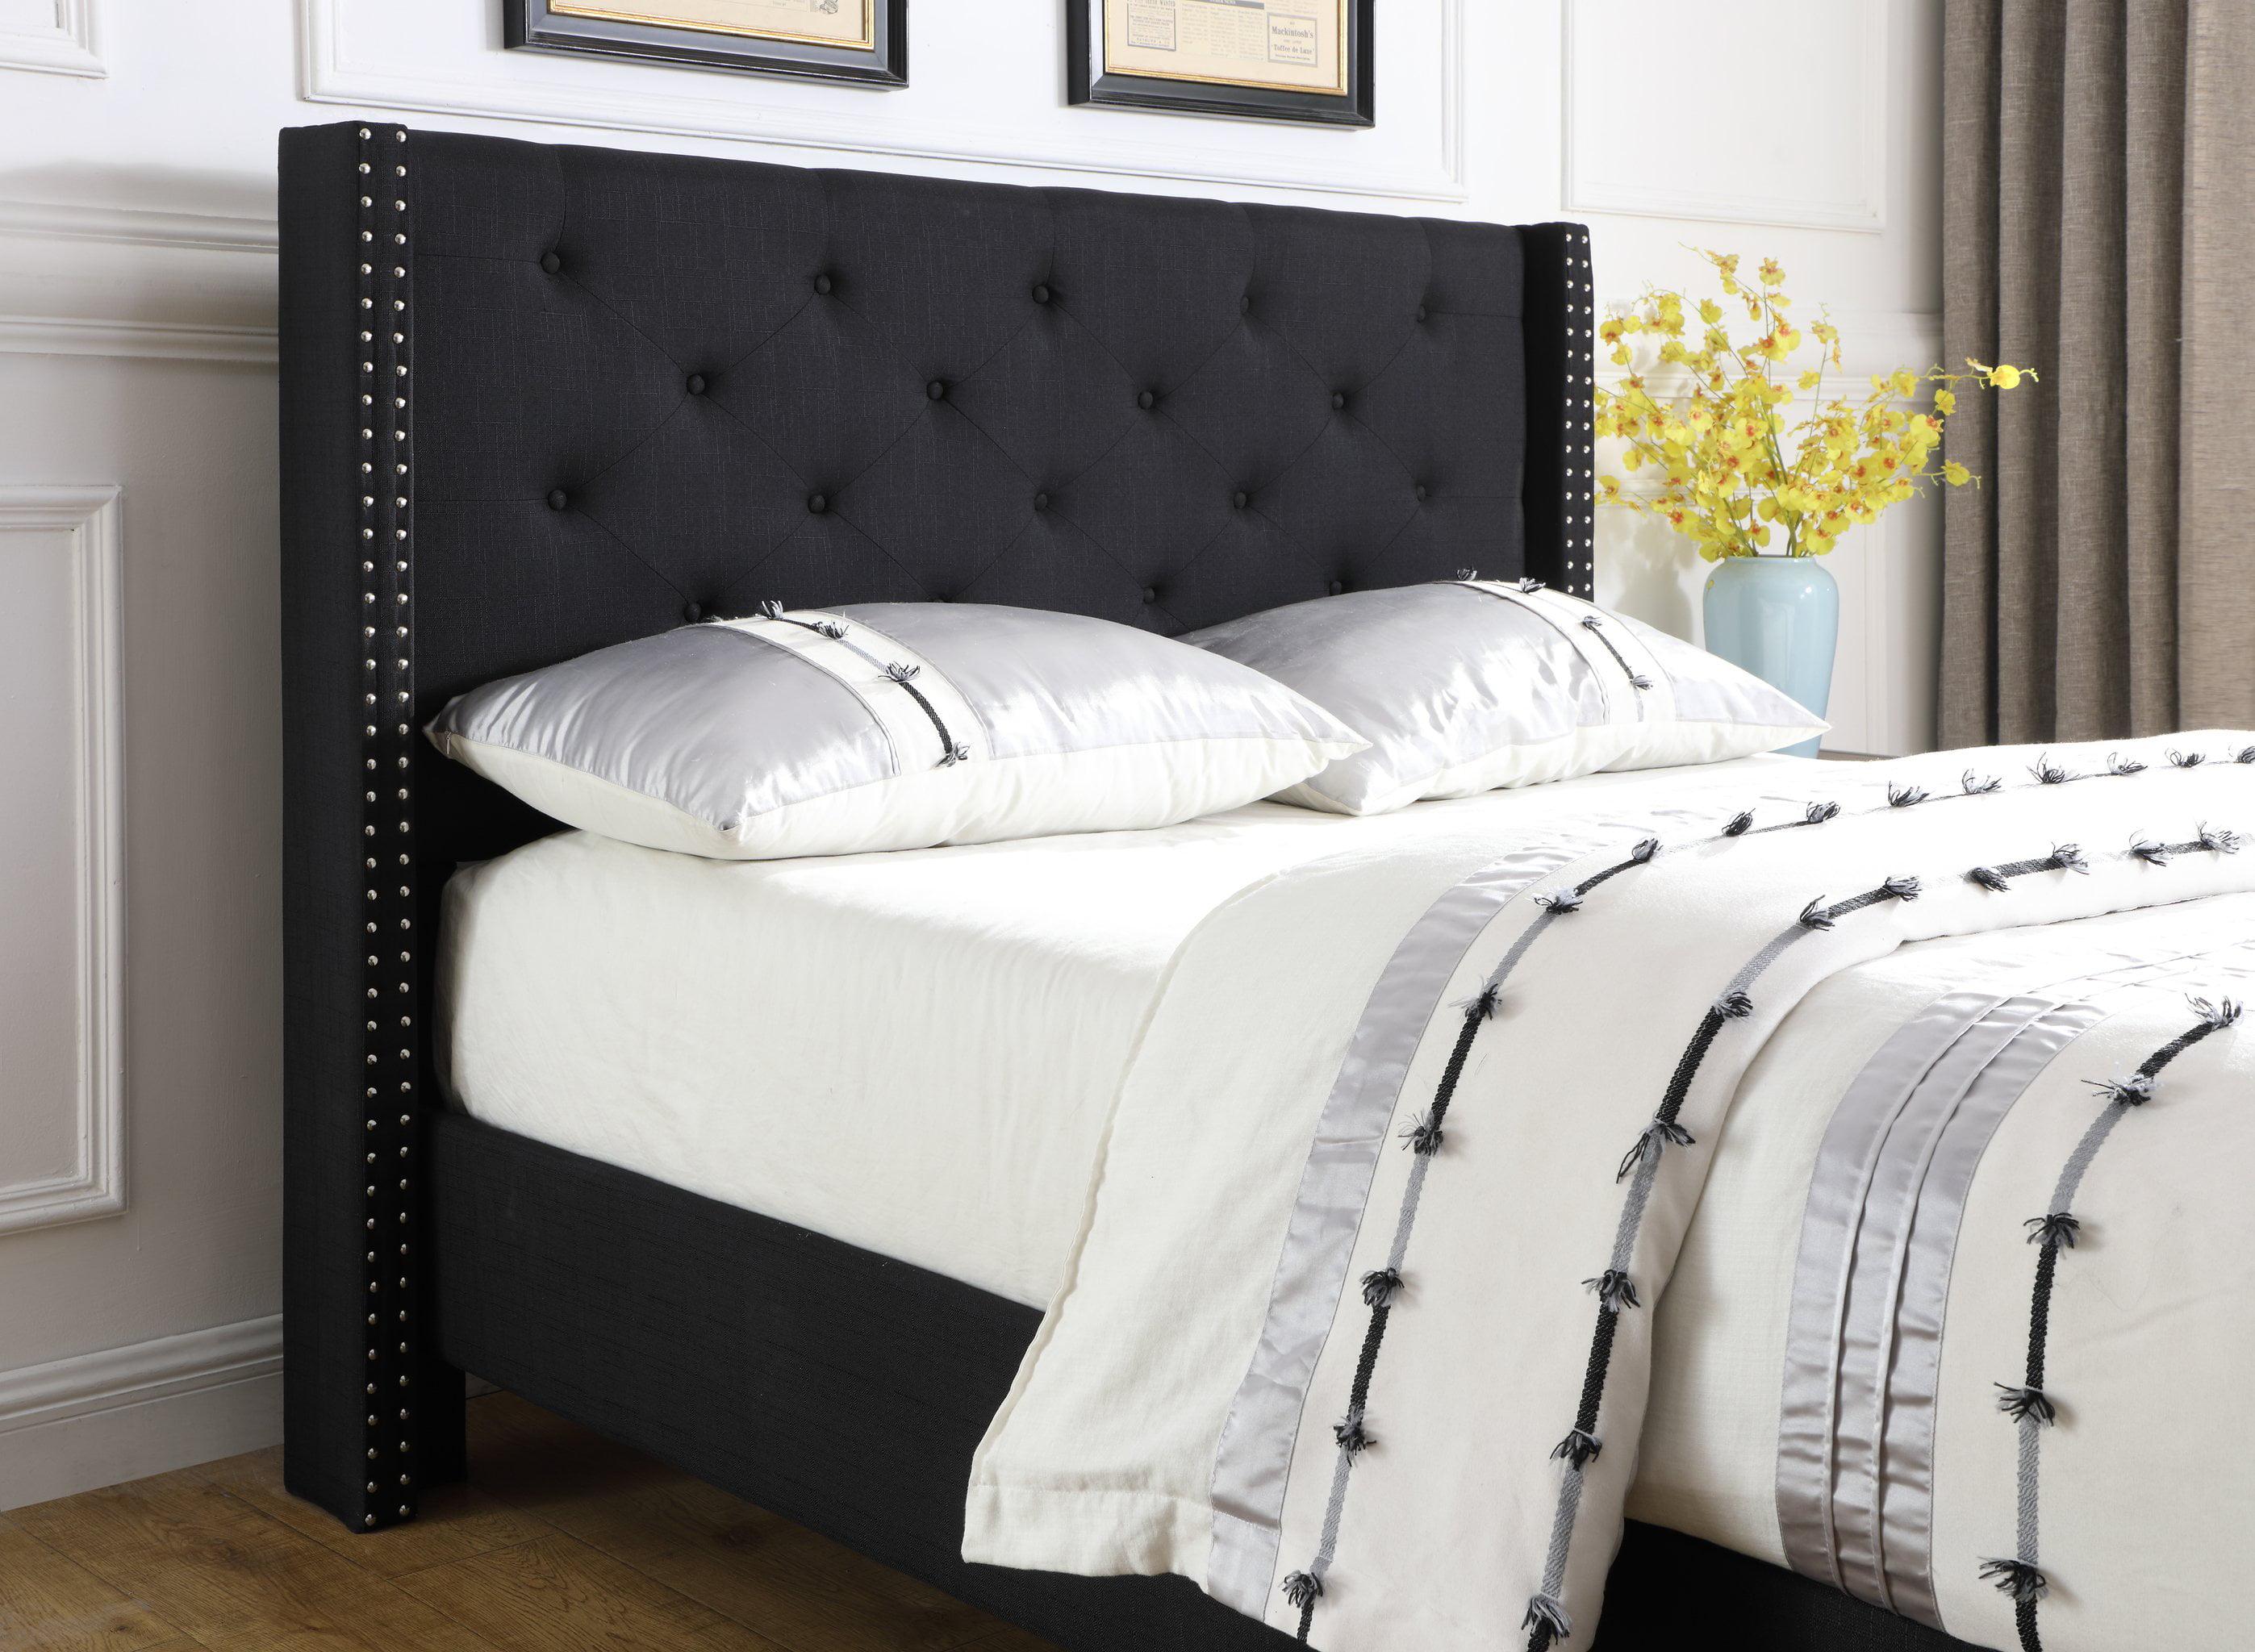 Homelife 51 Quot Black Linen Headboard Amp Platform Bed Walmart Com Walmart Com